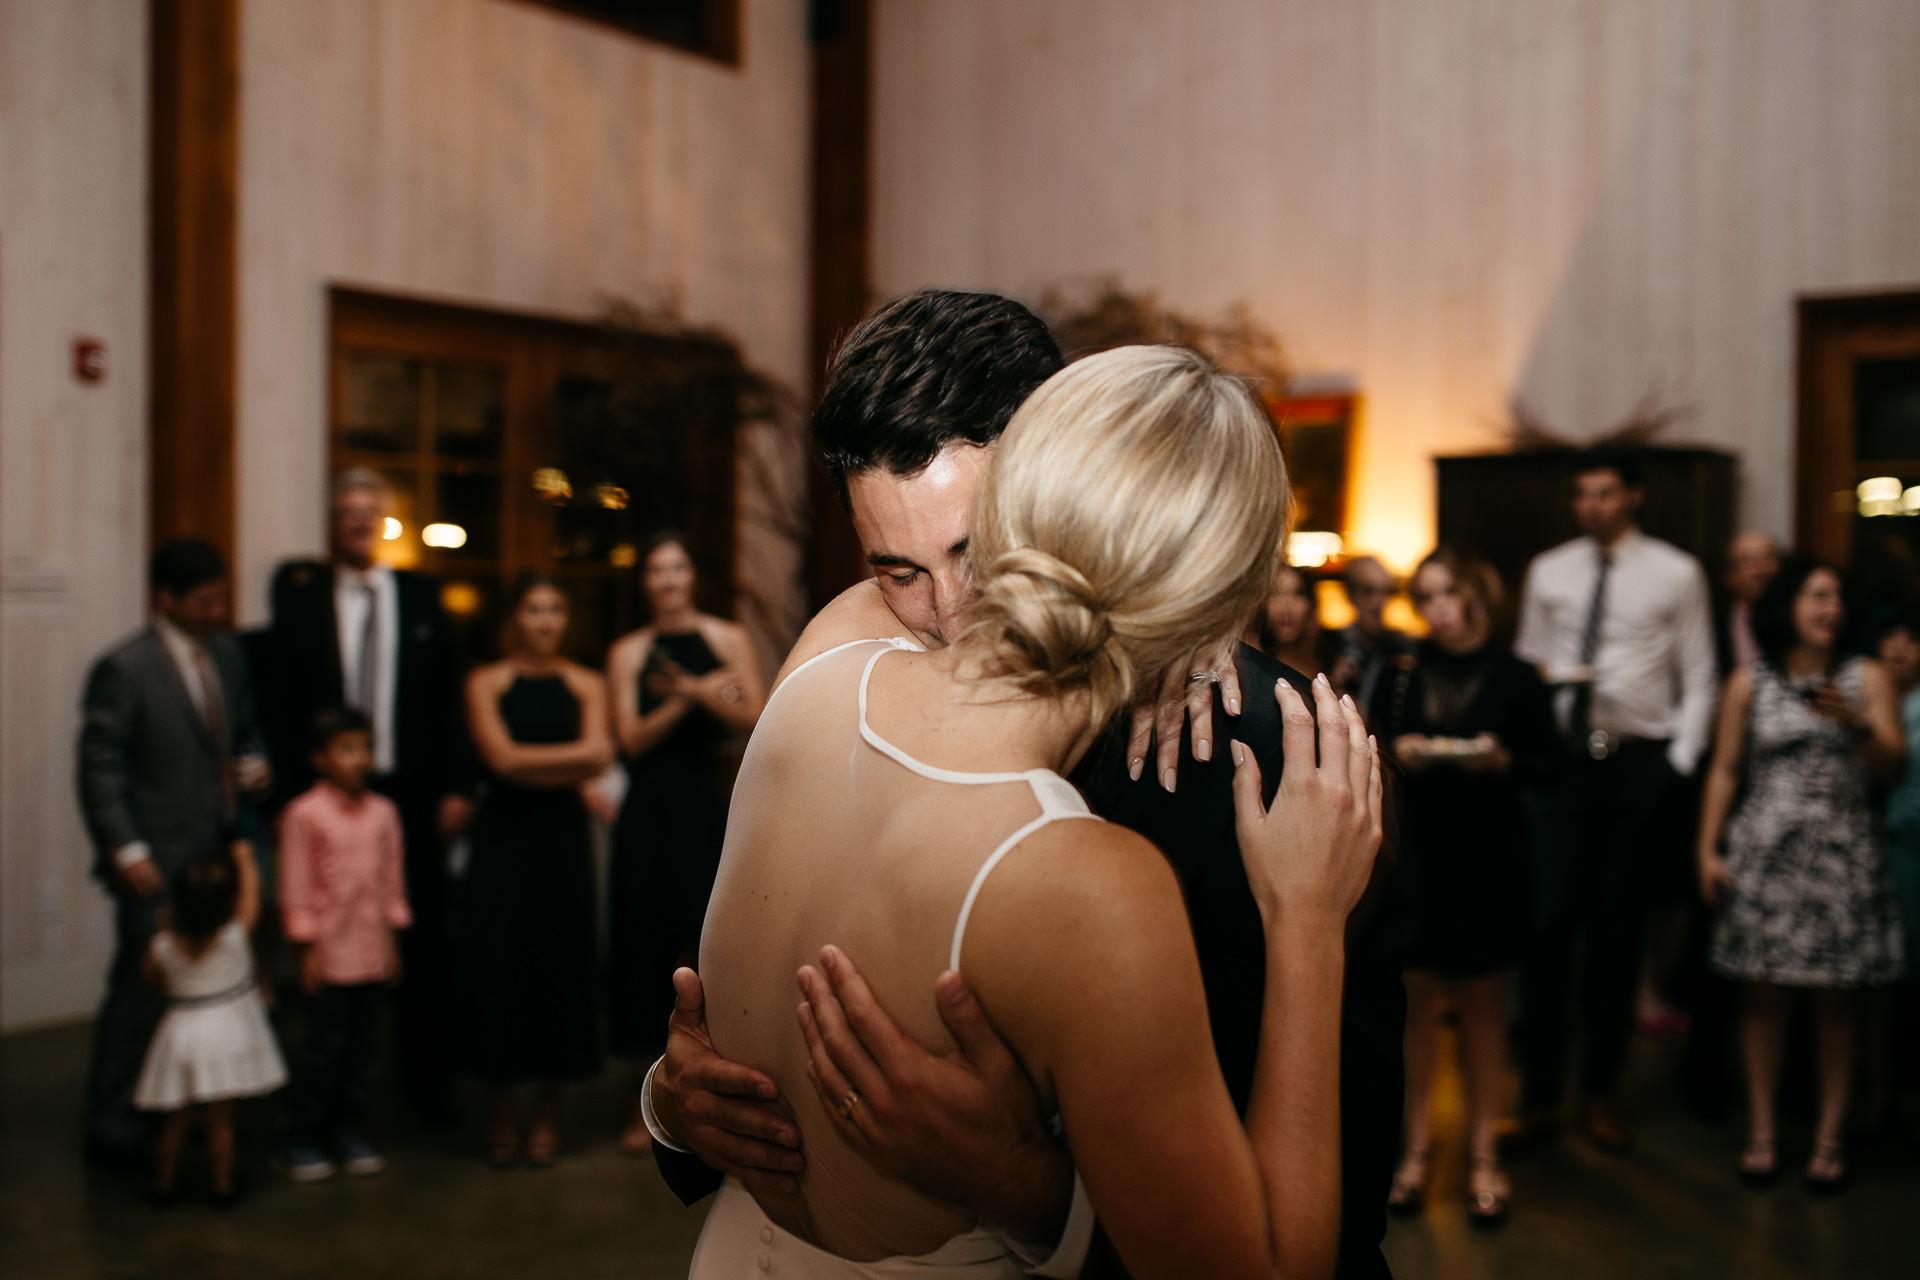 lauren_graham_wedding_california_park_winters_jeanlaurentgaudy_095